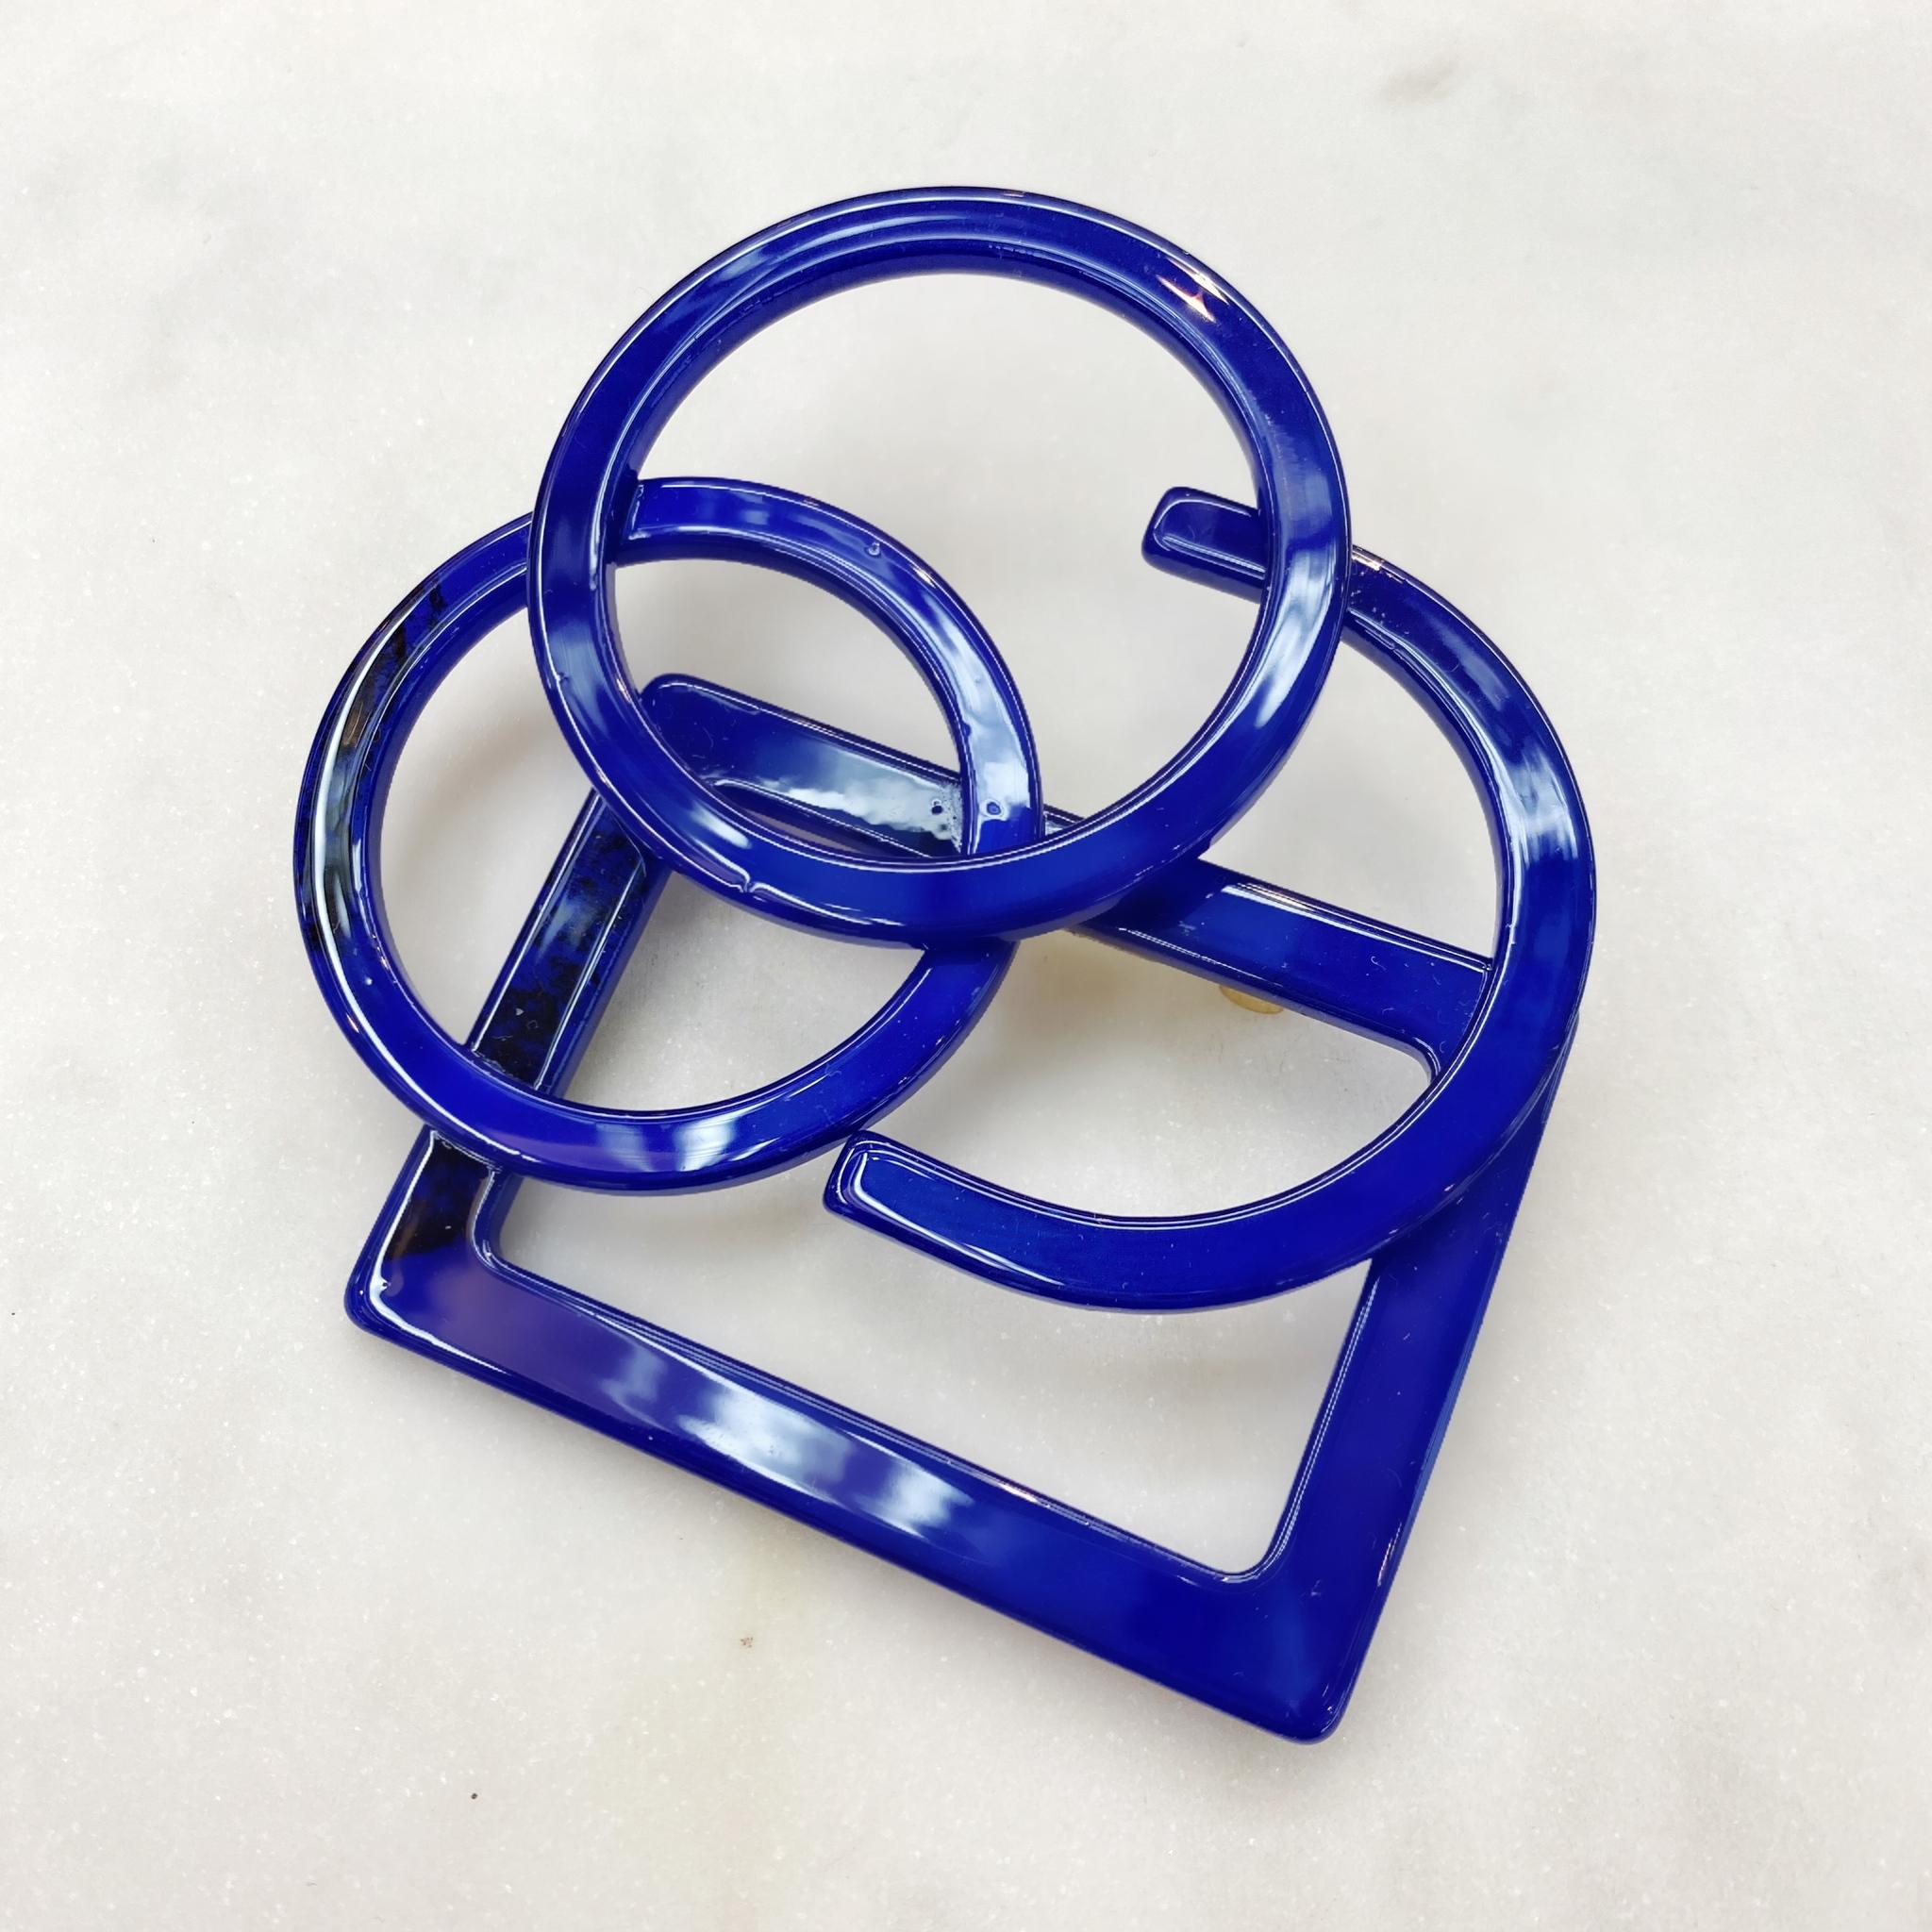 Брошь Акрил Геометрия контурная синий